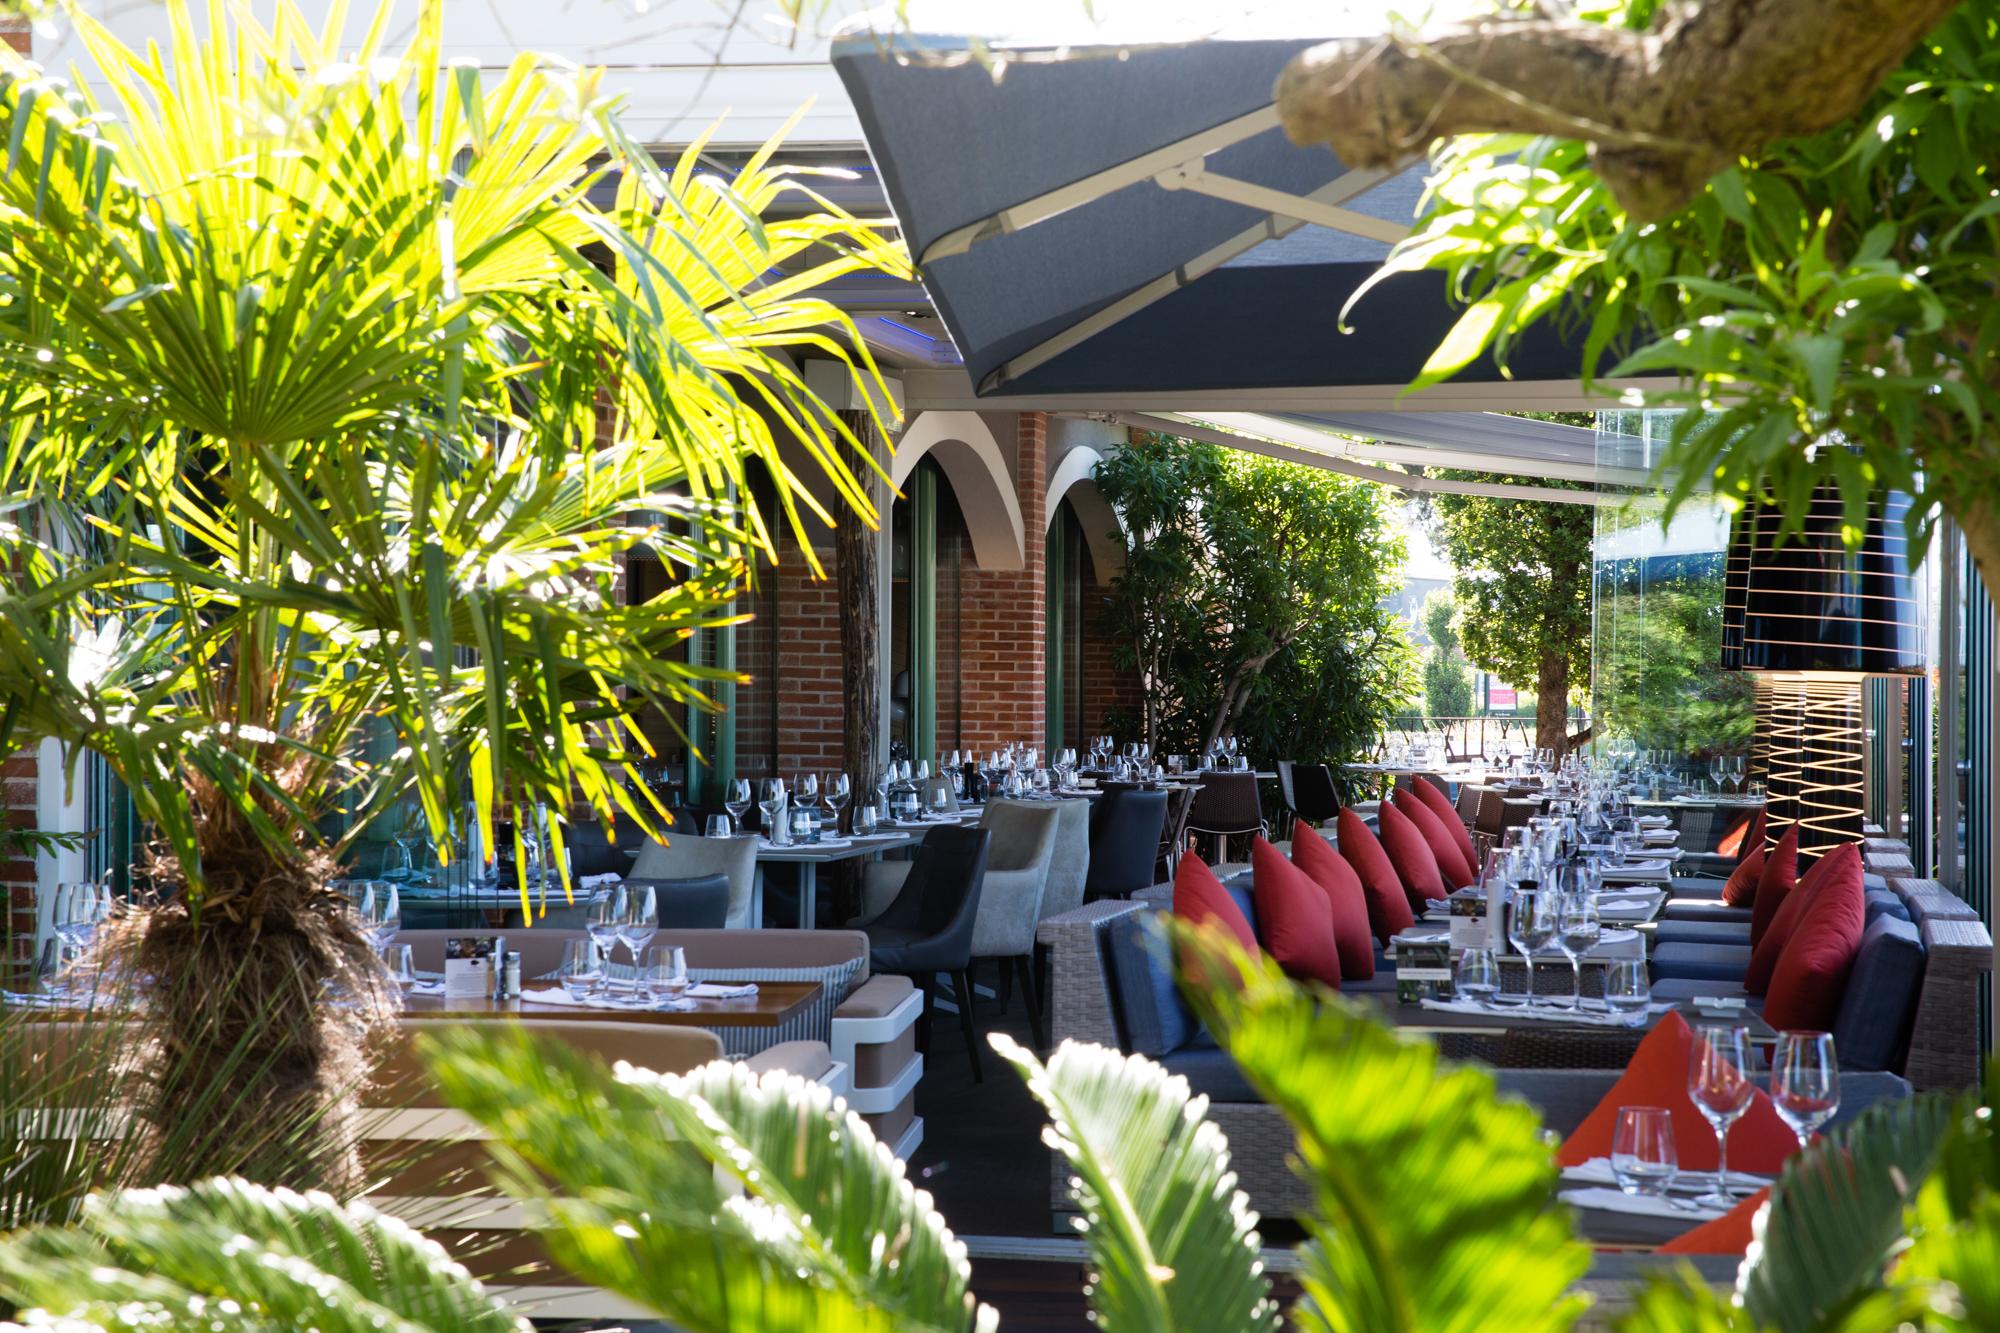 Fokale23-photographe-nantes-restaurant-le-mas-des-oliviers-2098